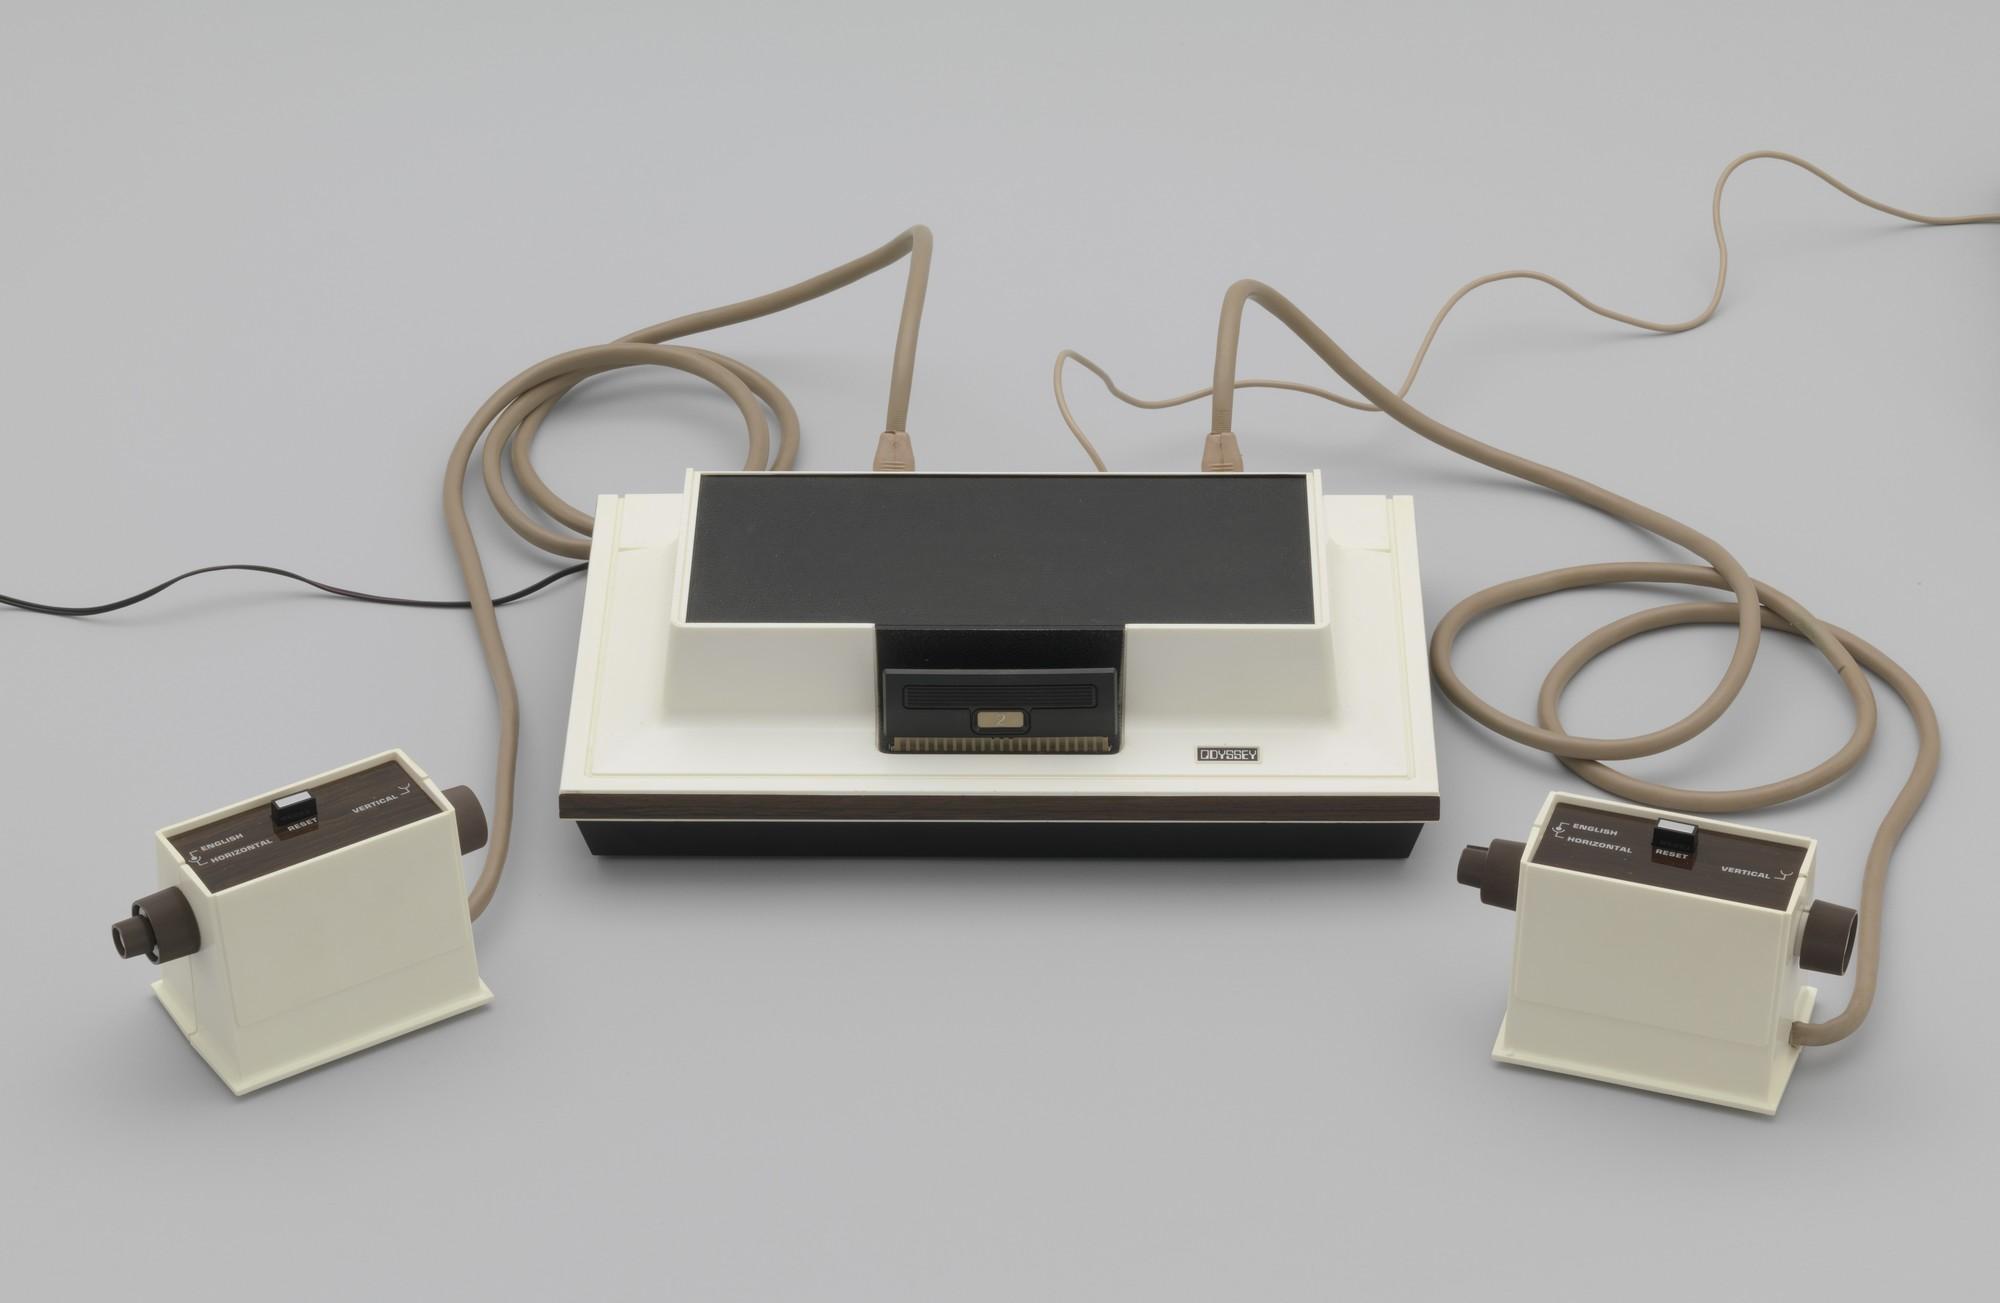 Geçmişe bir bakış: Teknolojinin en ilkel halleri